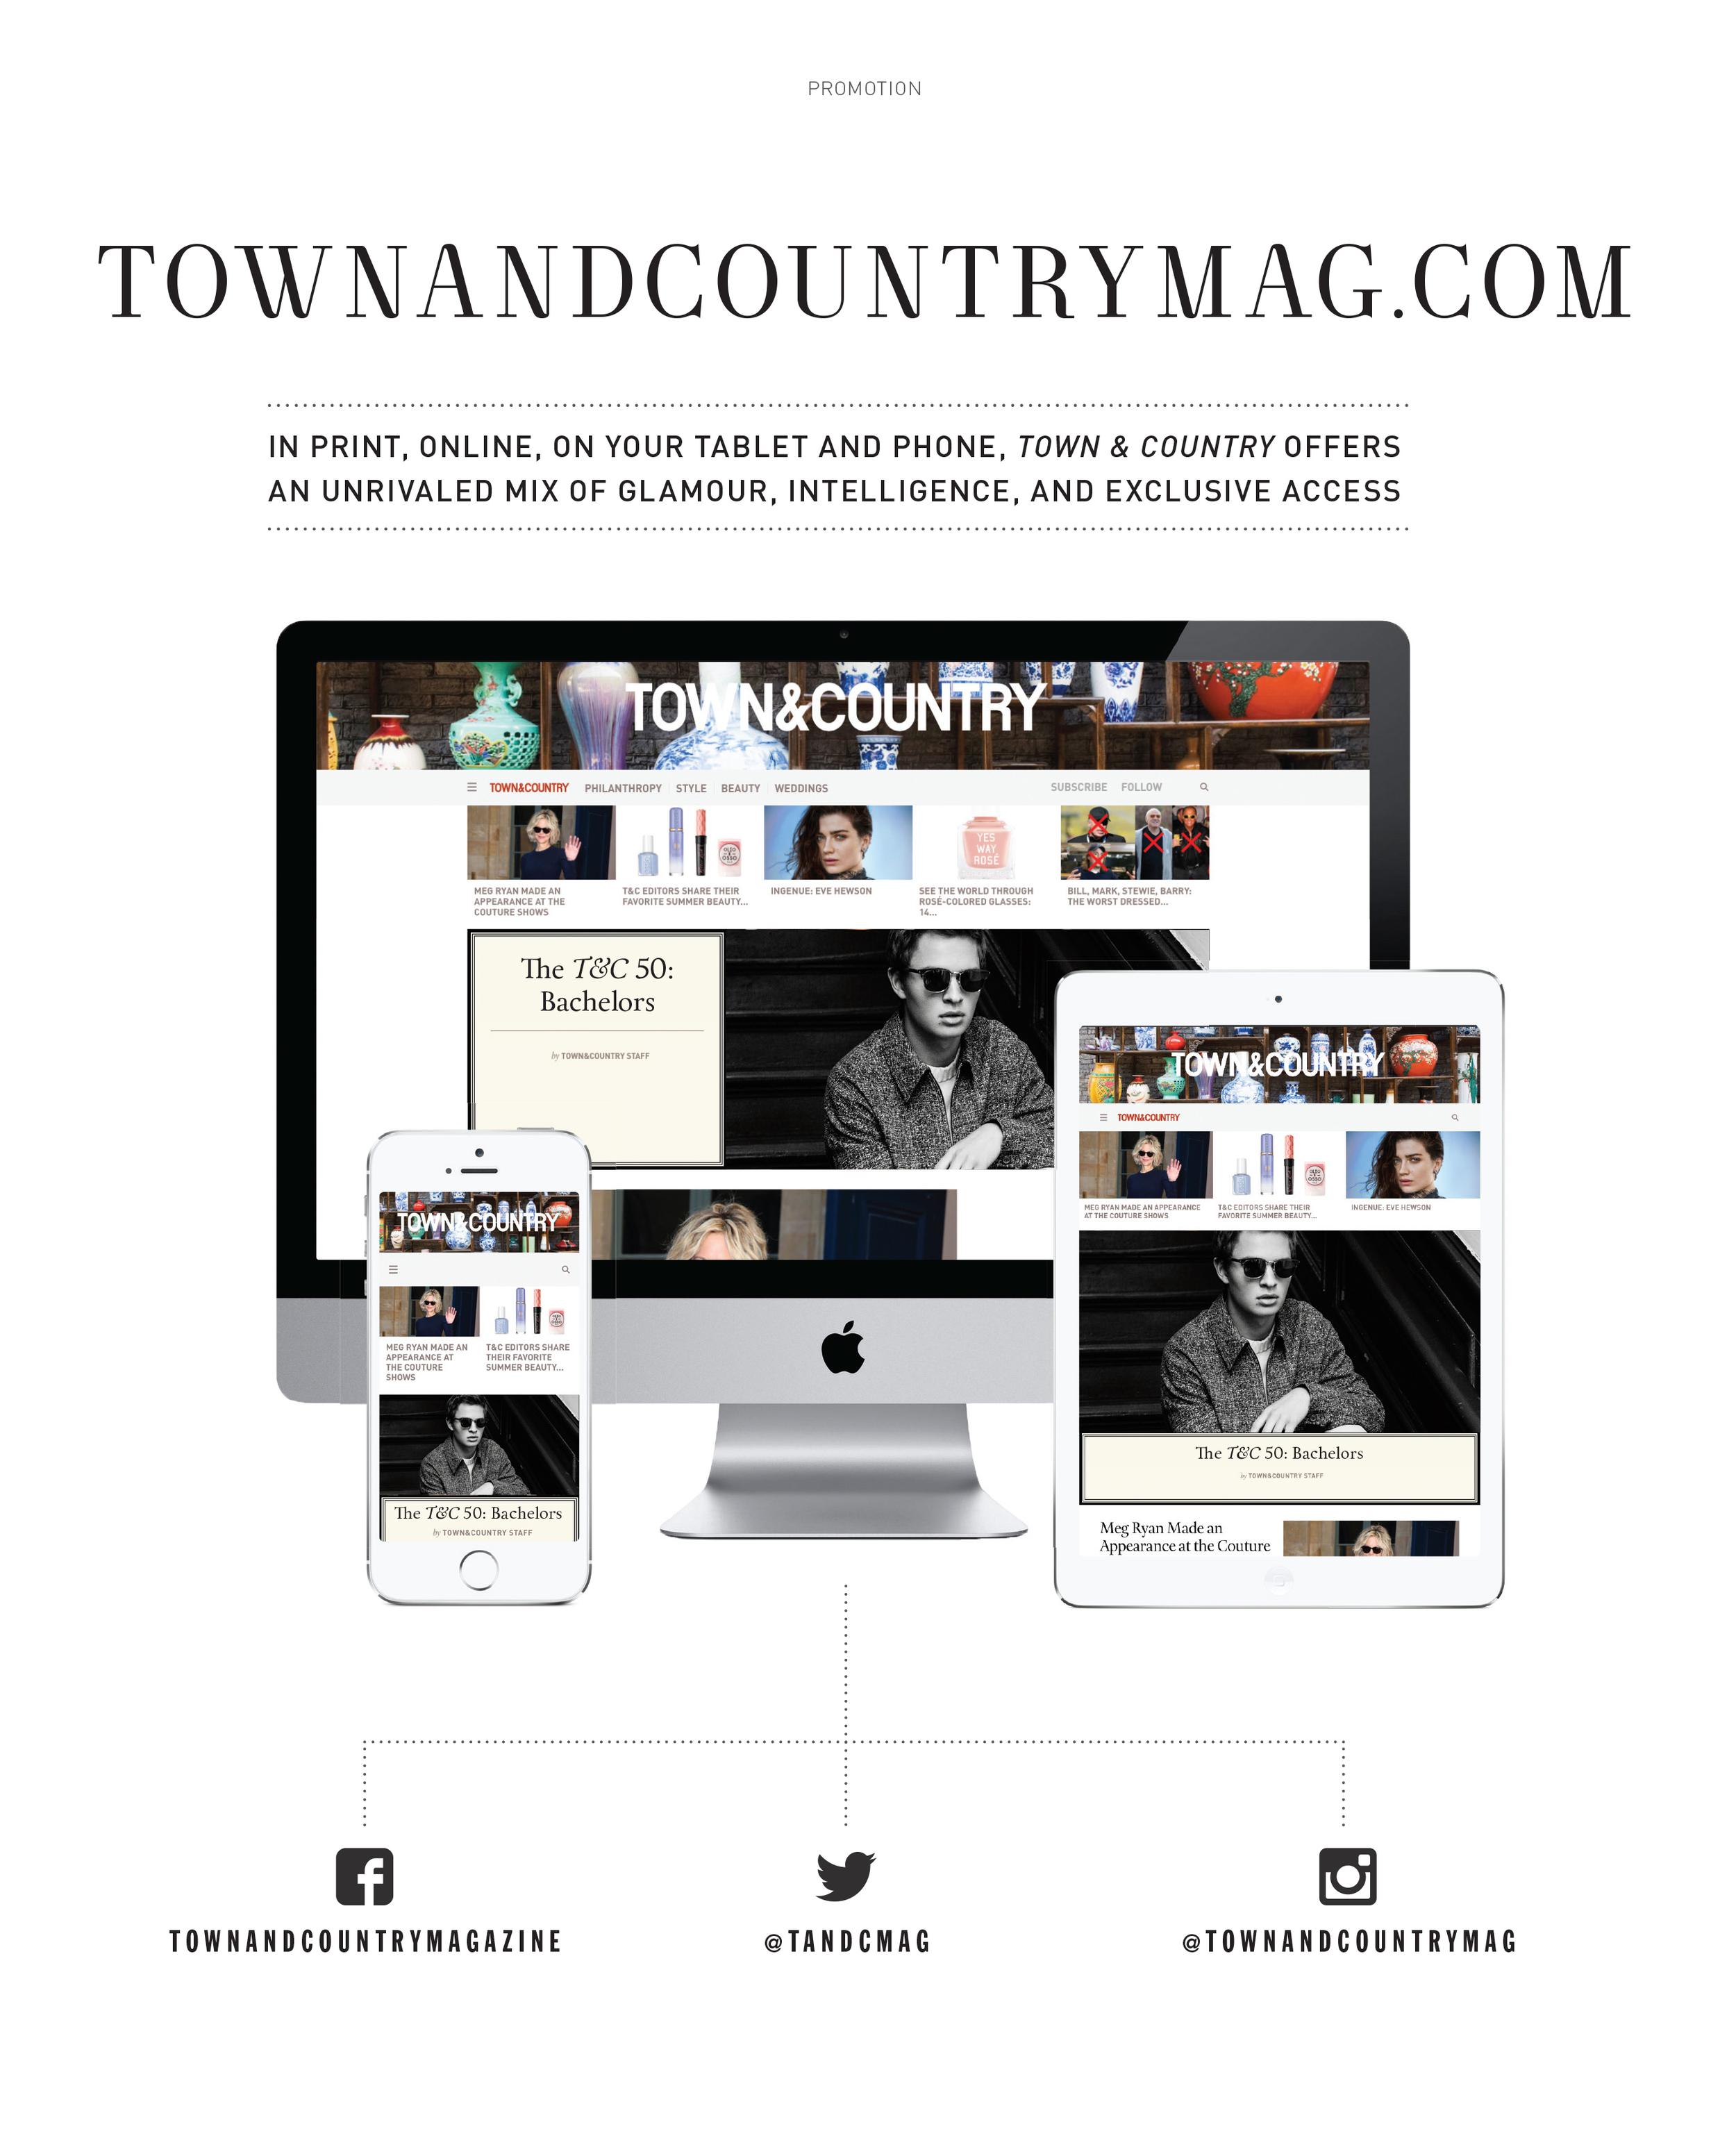 TownandCountryMag.com Ad